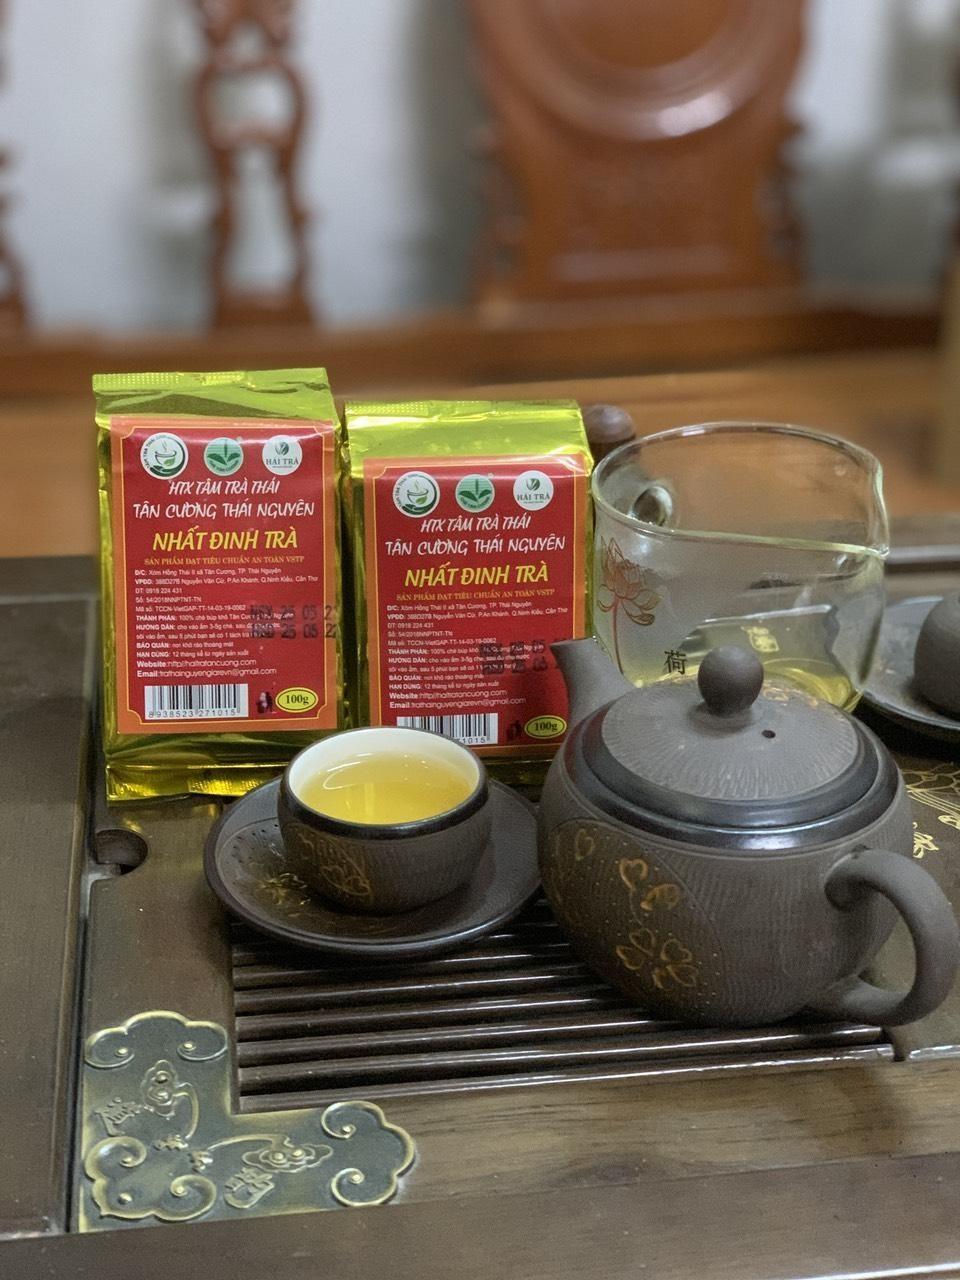 Hải Trà Tân Cương cung cấp trà Thái Nguyên ngon, sạch.